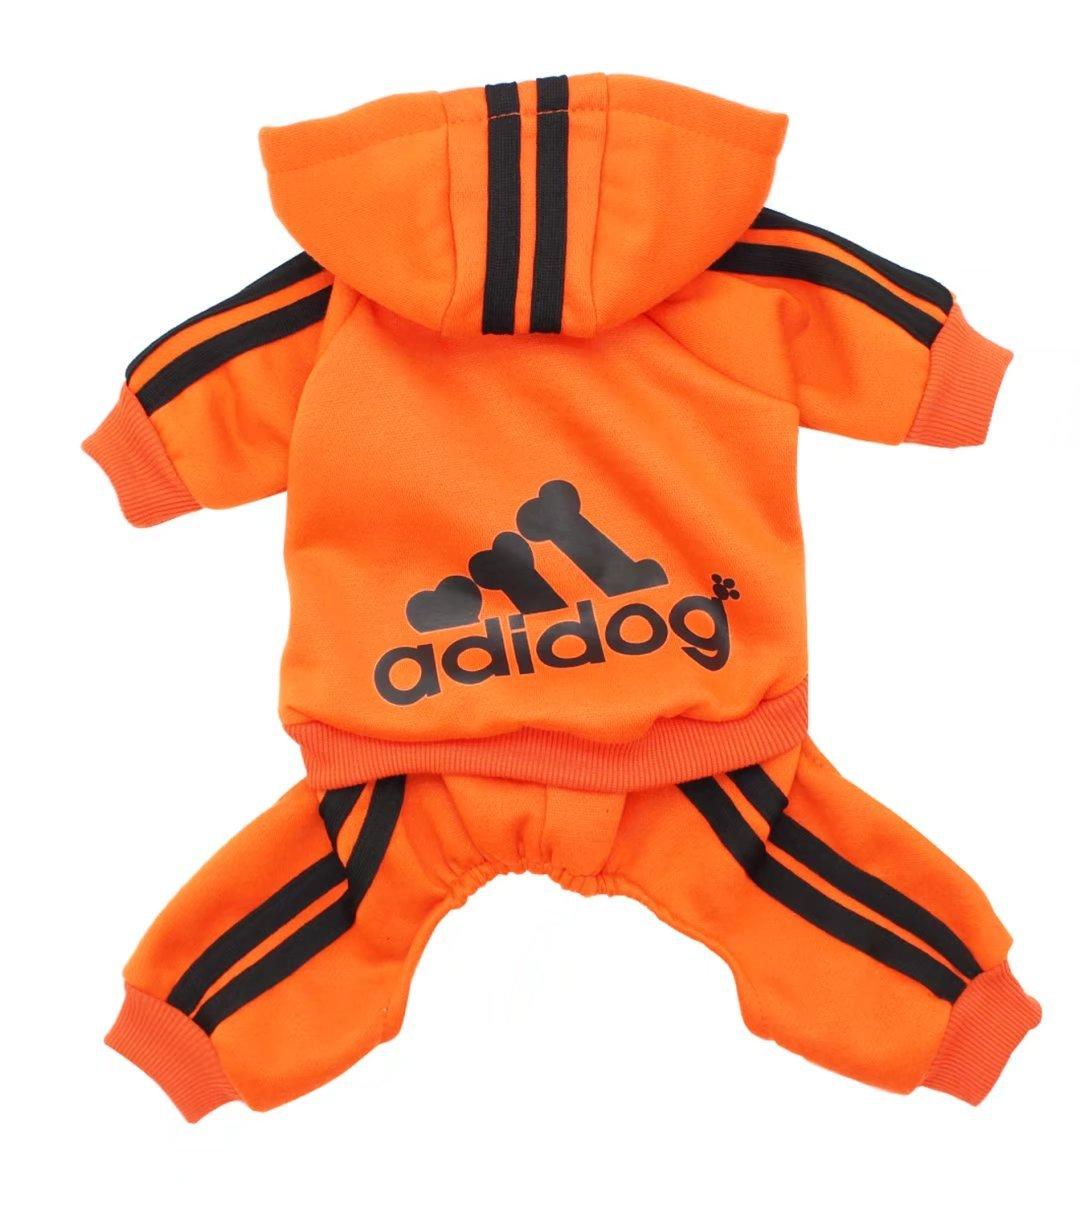 Scheppend Adidog vêtements pour animaux de compagnie pour chien chat chiot Hoodies manteau printemps automne et hiver Sweatshirt chandail chaud WLAID16